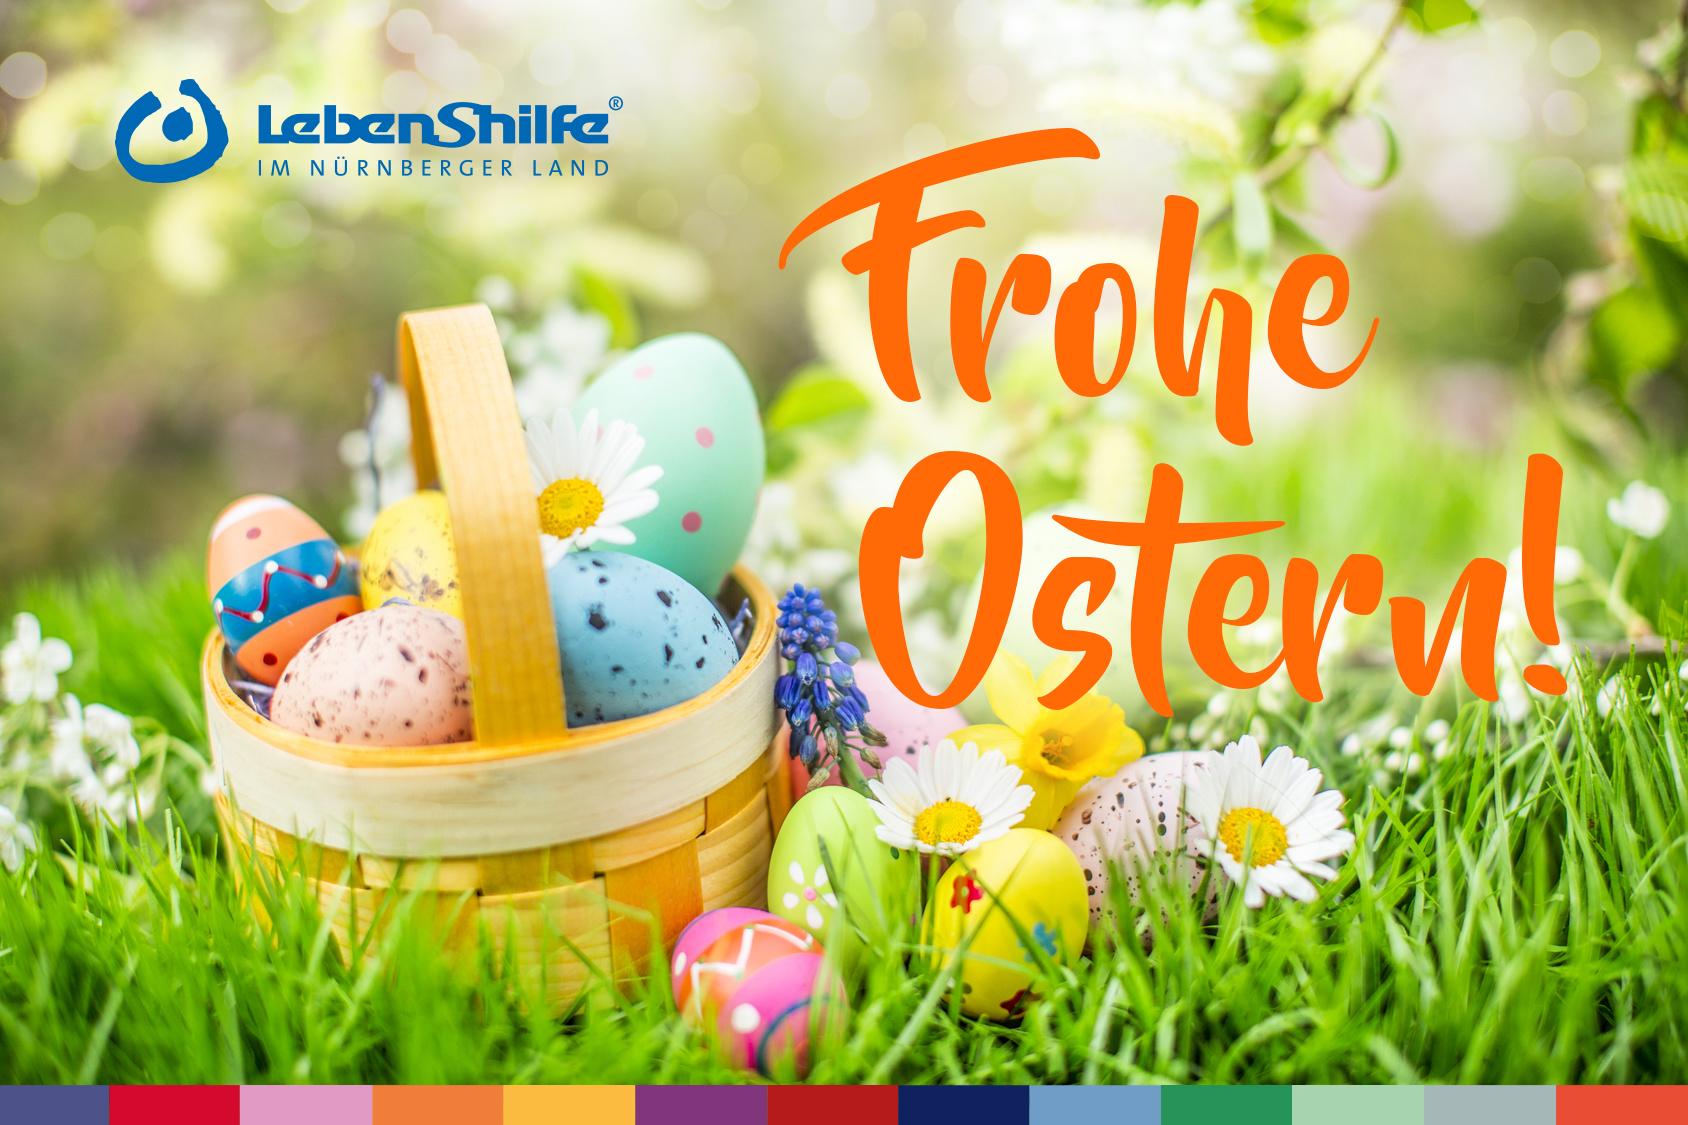 Wir wünschen allen Eltern, Angehörigen, Mitgliedern und Freunden der Lebenshilfe schöne Osterfeiertage!